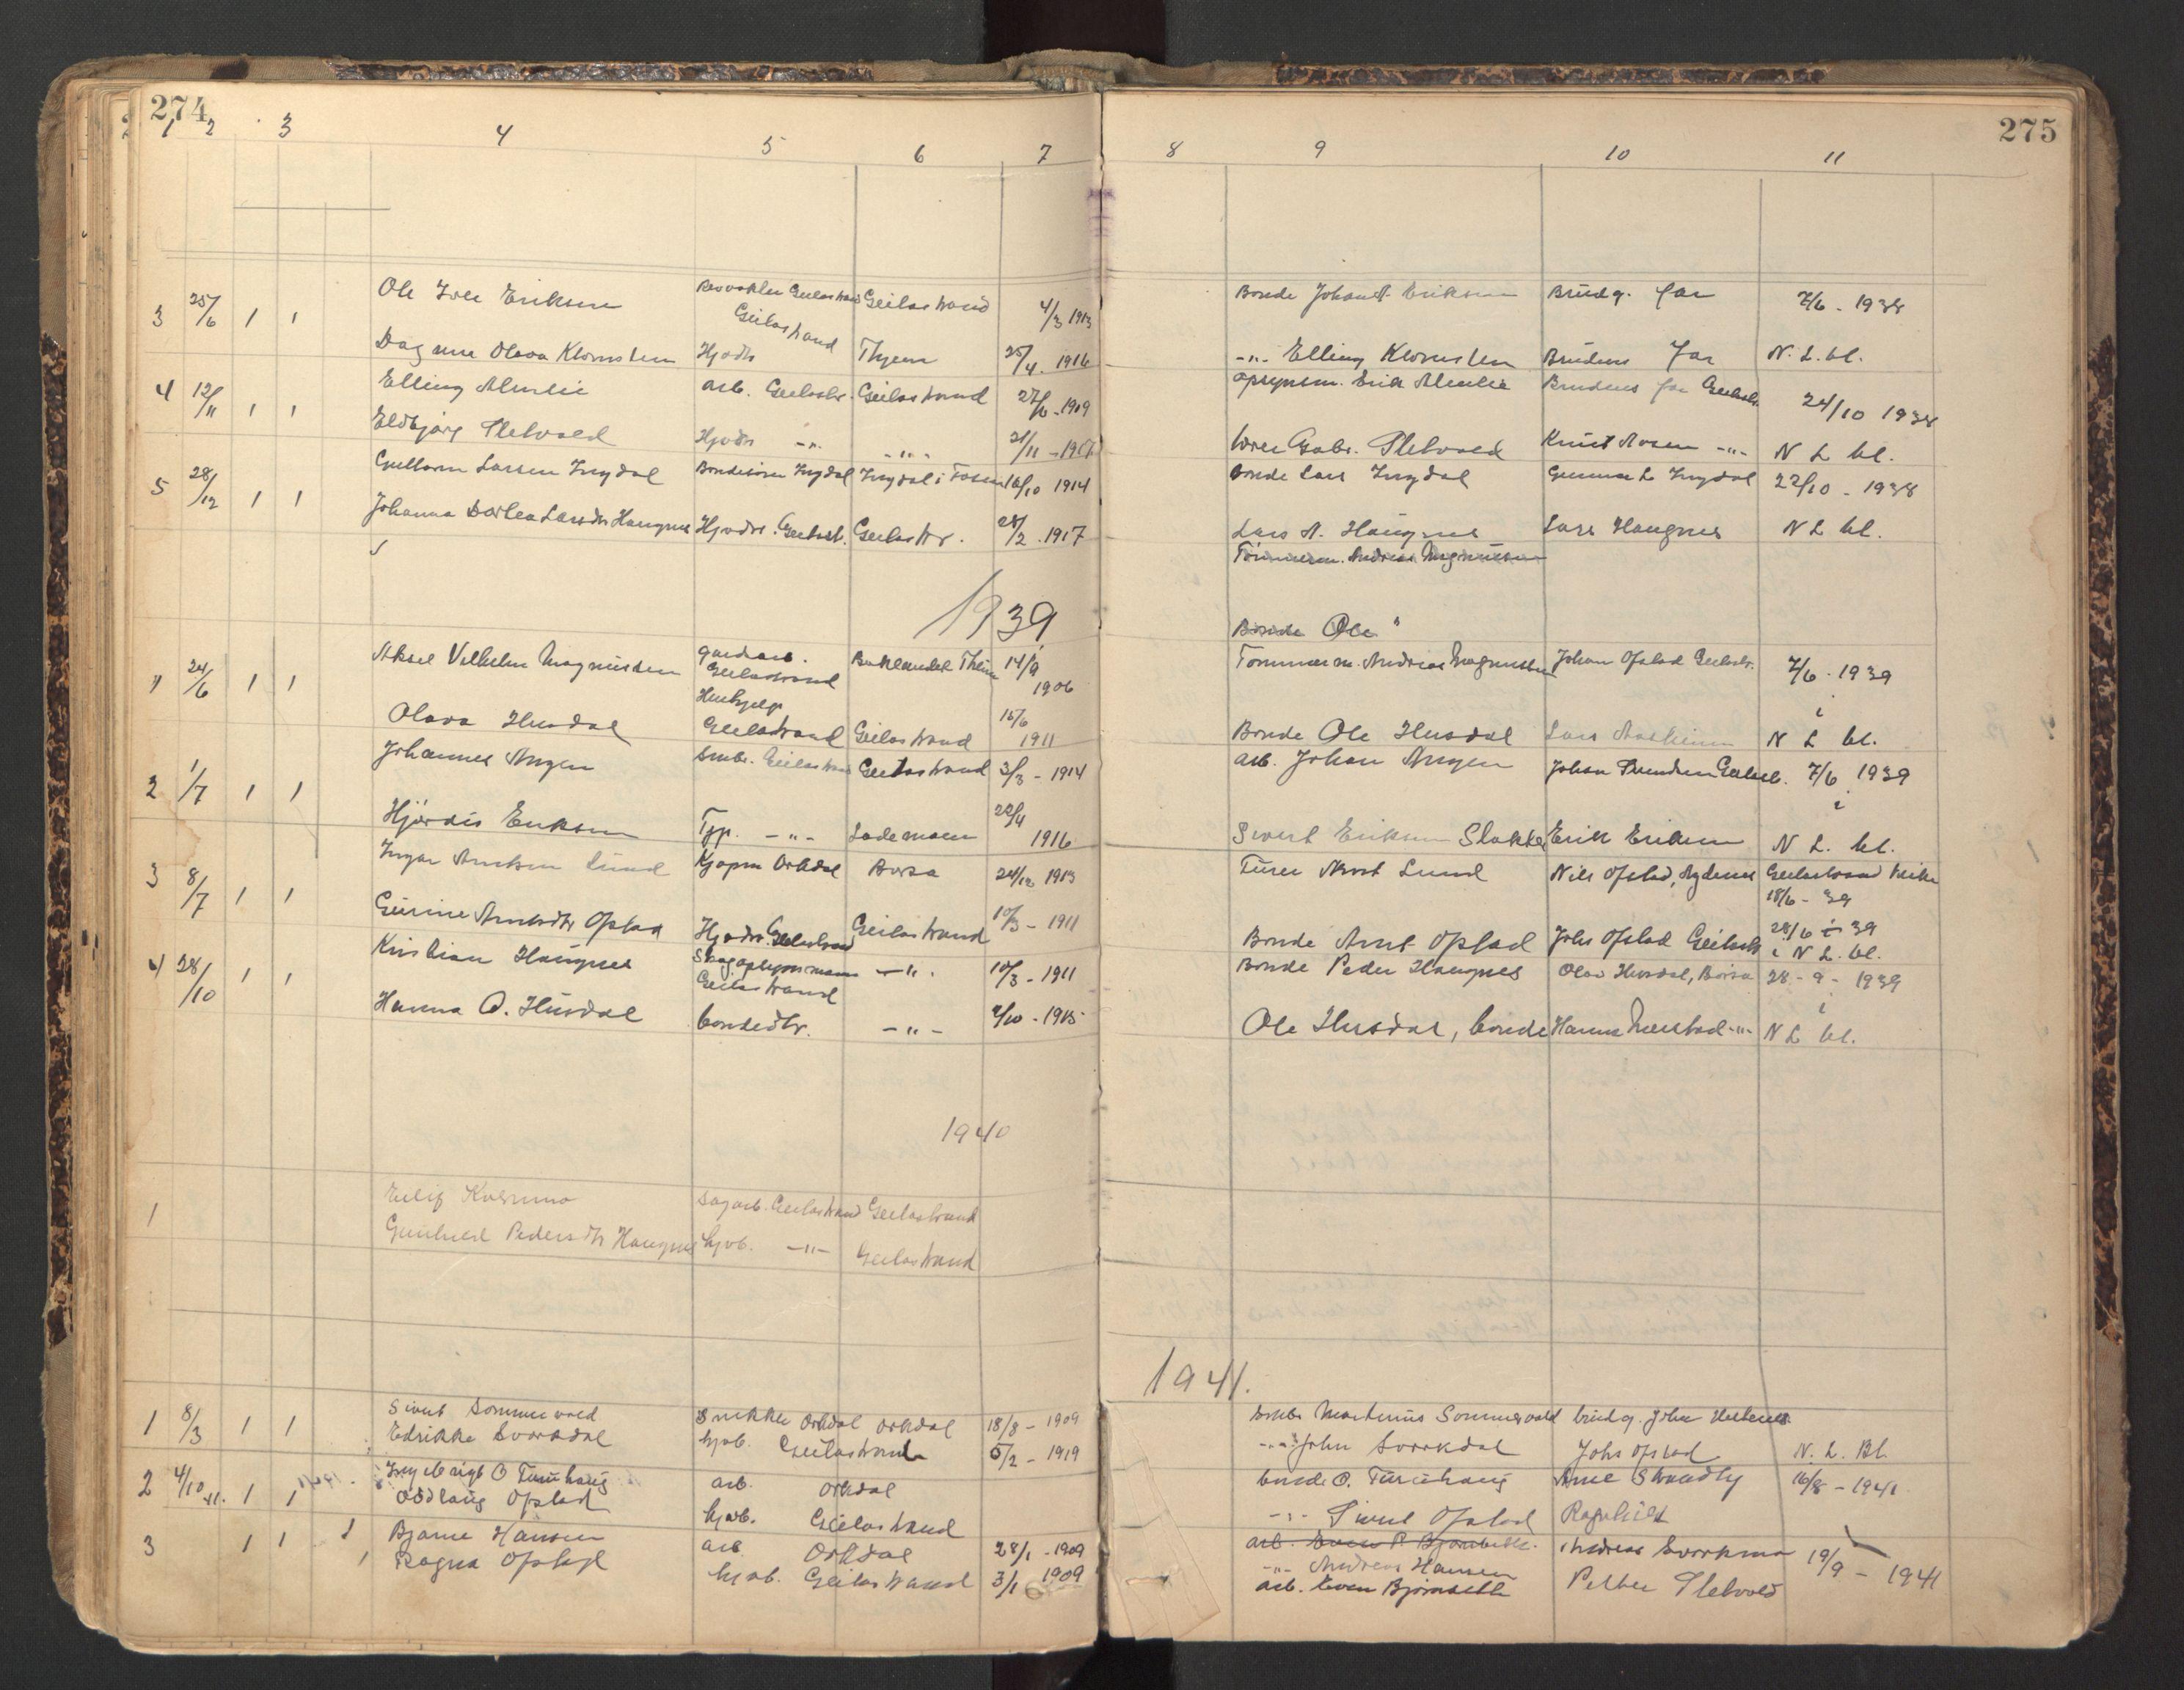 SAT, Ministerialprotokoller, klokkerbøker og fødselsregistre - Sør-Trøndelag, 670/L0837: Klokkerbok nr. 670C01, 1905-1946, s. 274-275